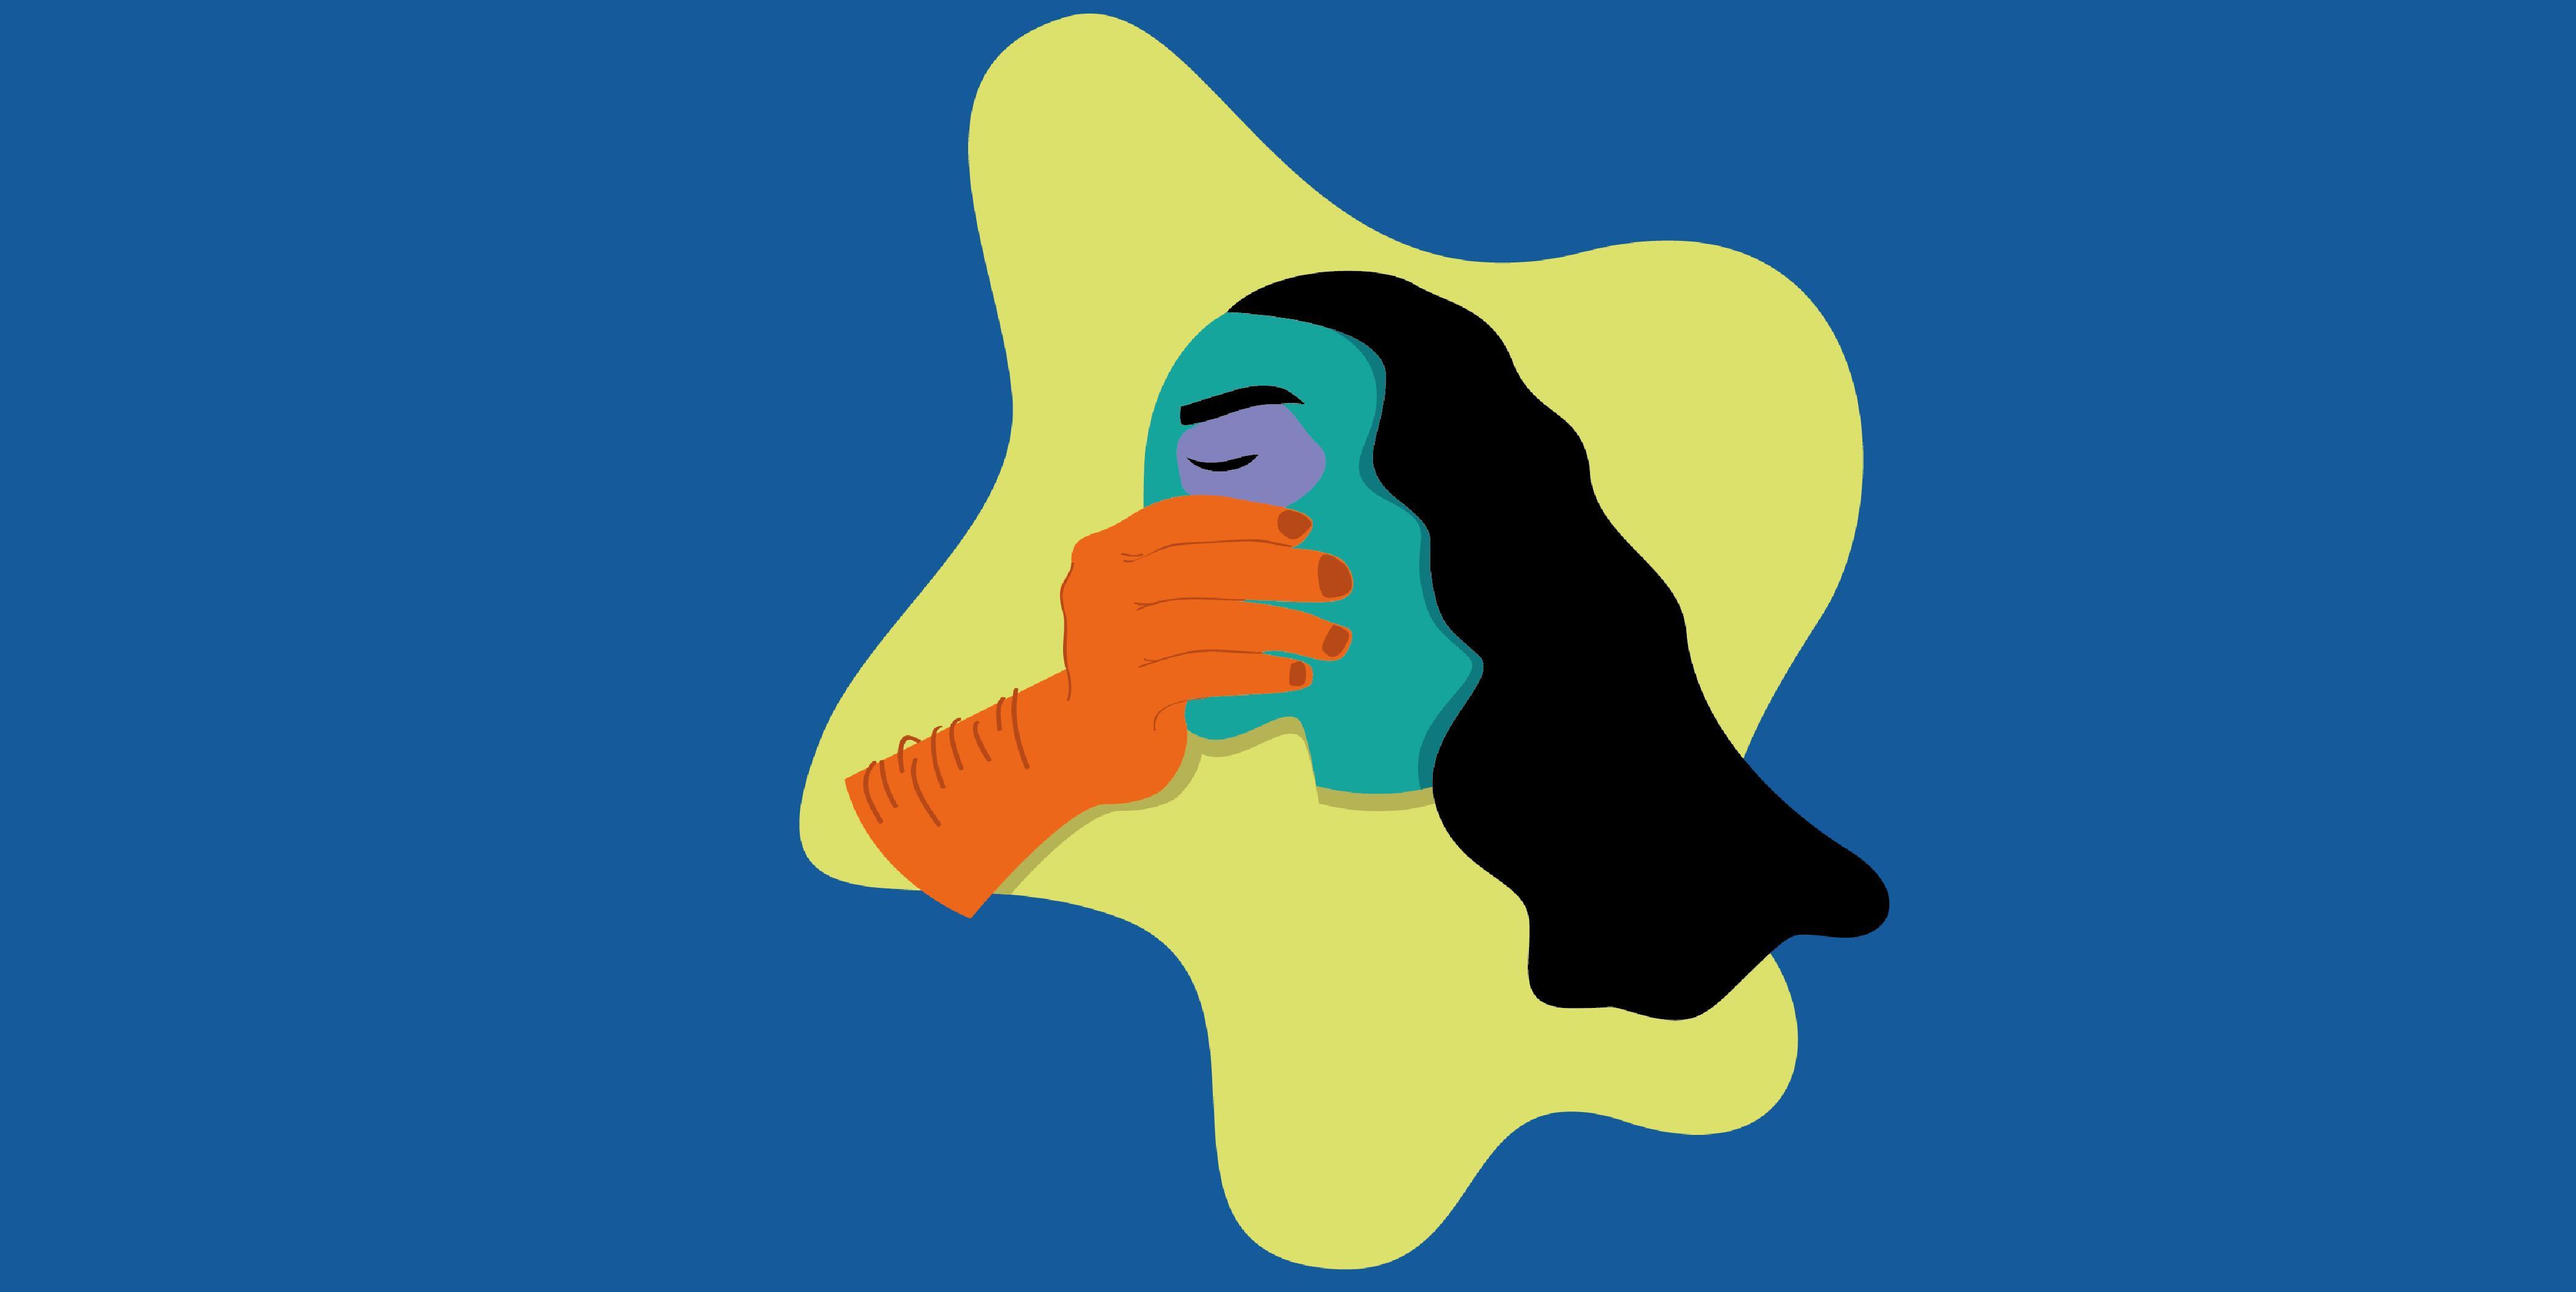 Illustration dessinée représentant une femme mise sous silence par une main d'homme sur un aplat de couleur bleu